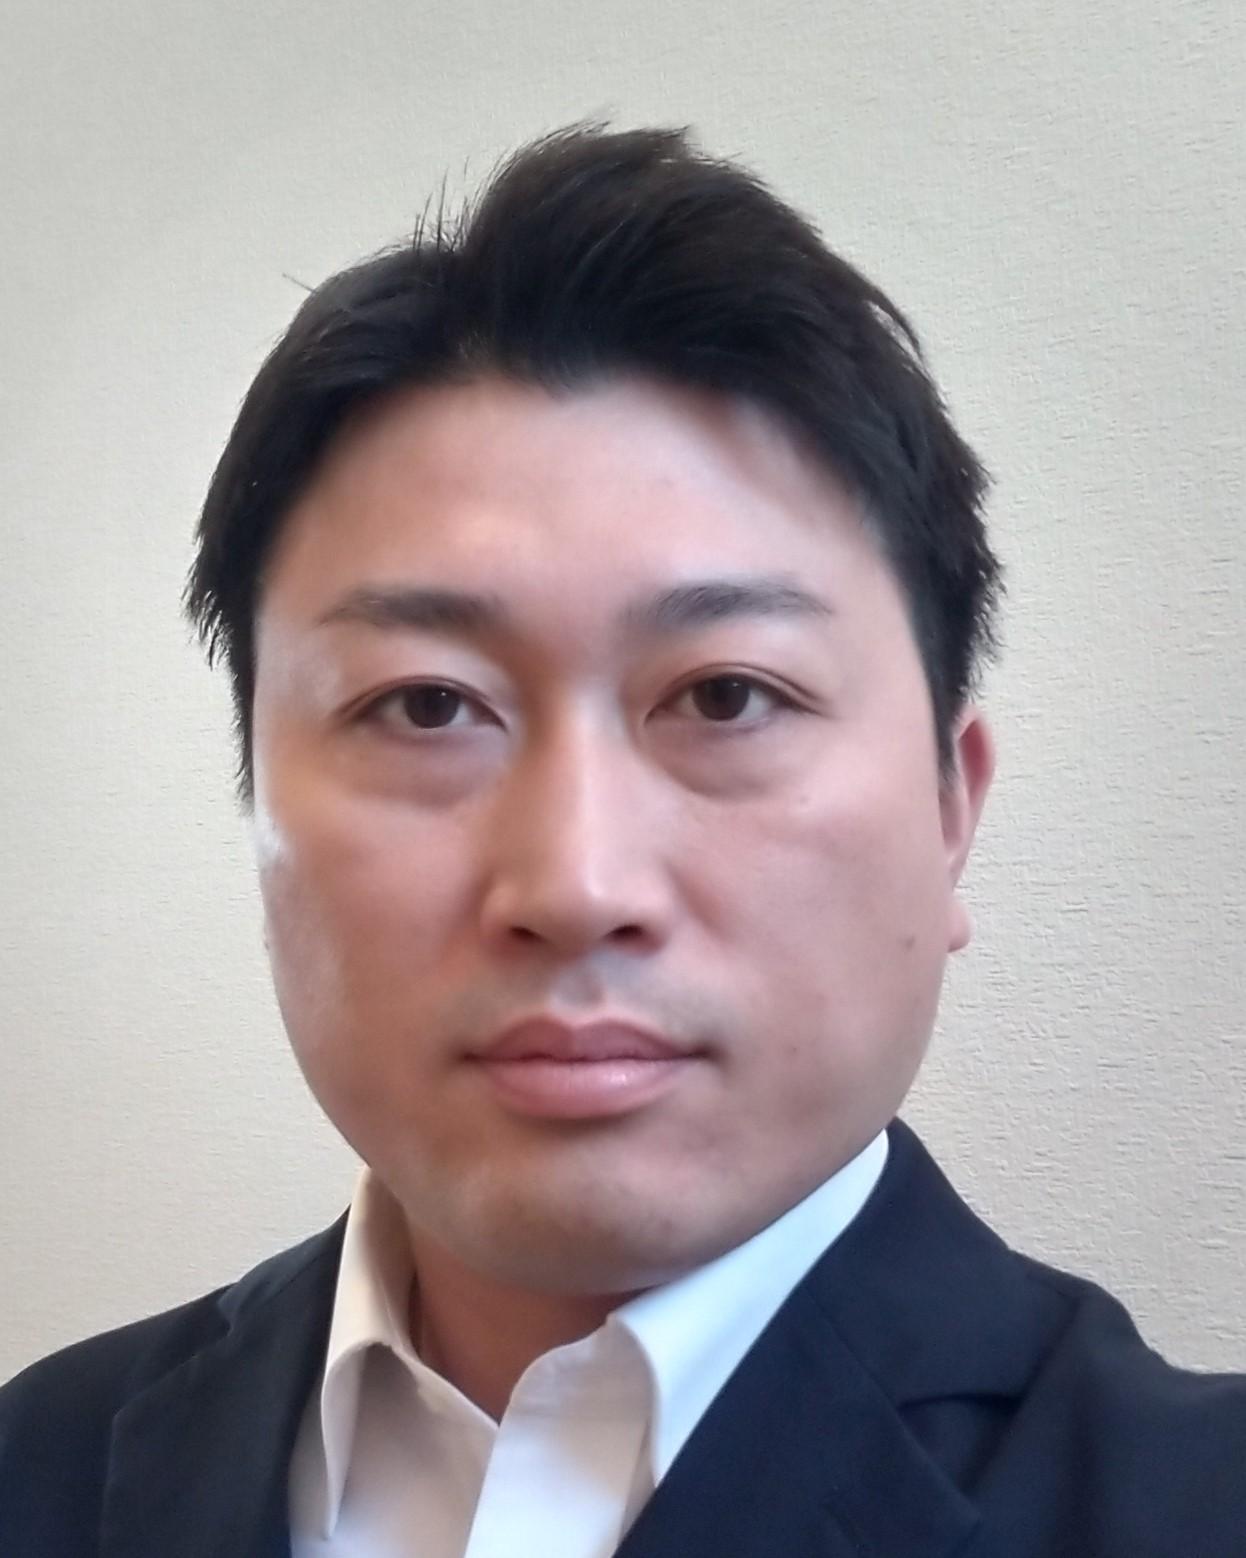 千葉 大輔氏